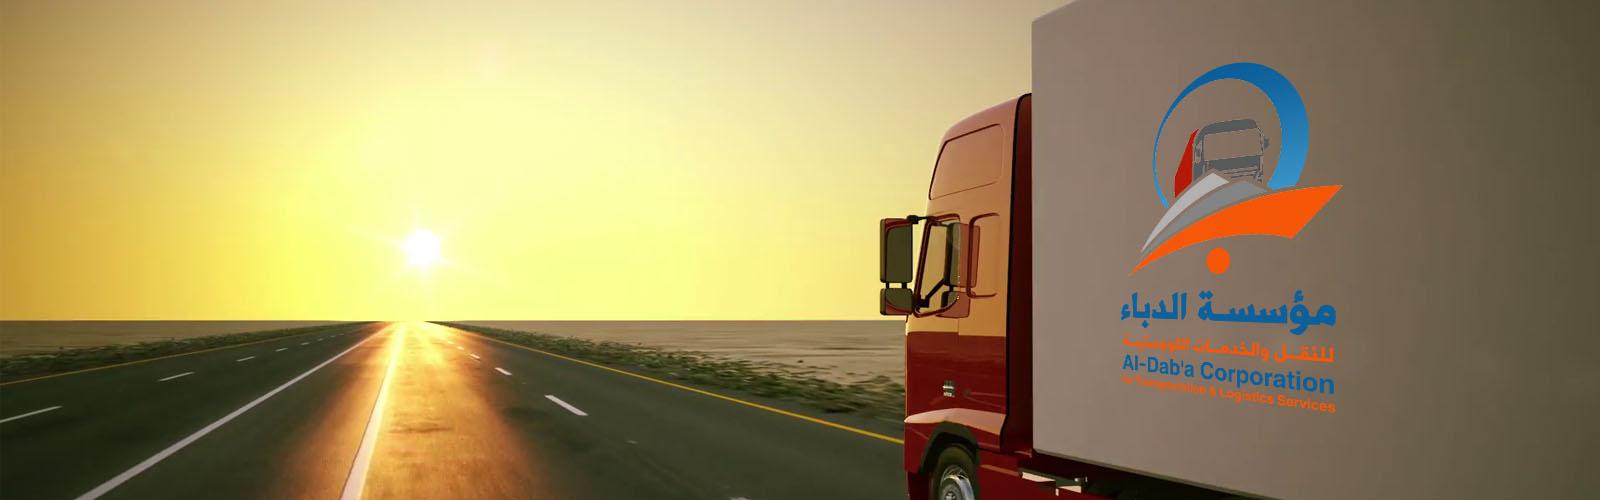 خدمات النقل الثقيل والمتوسط